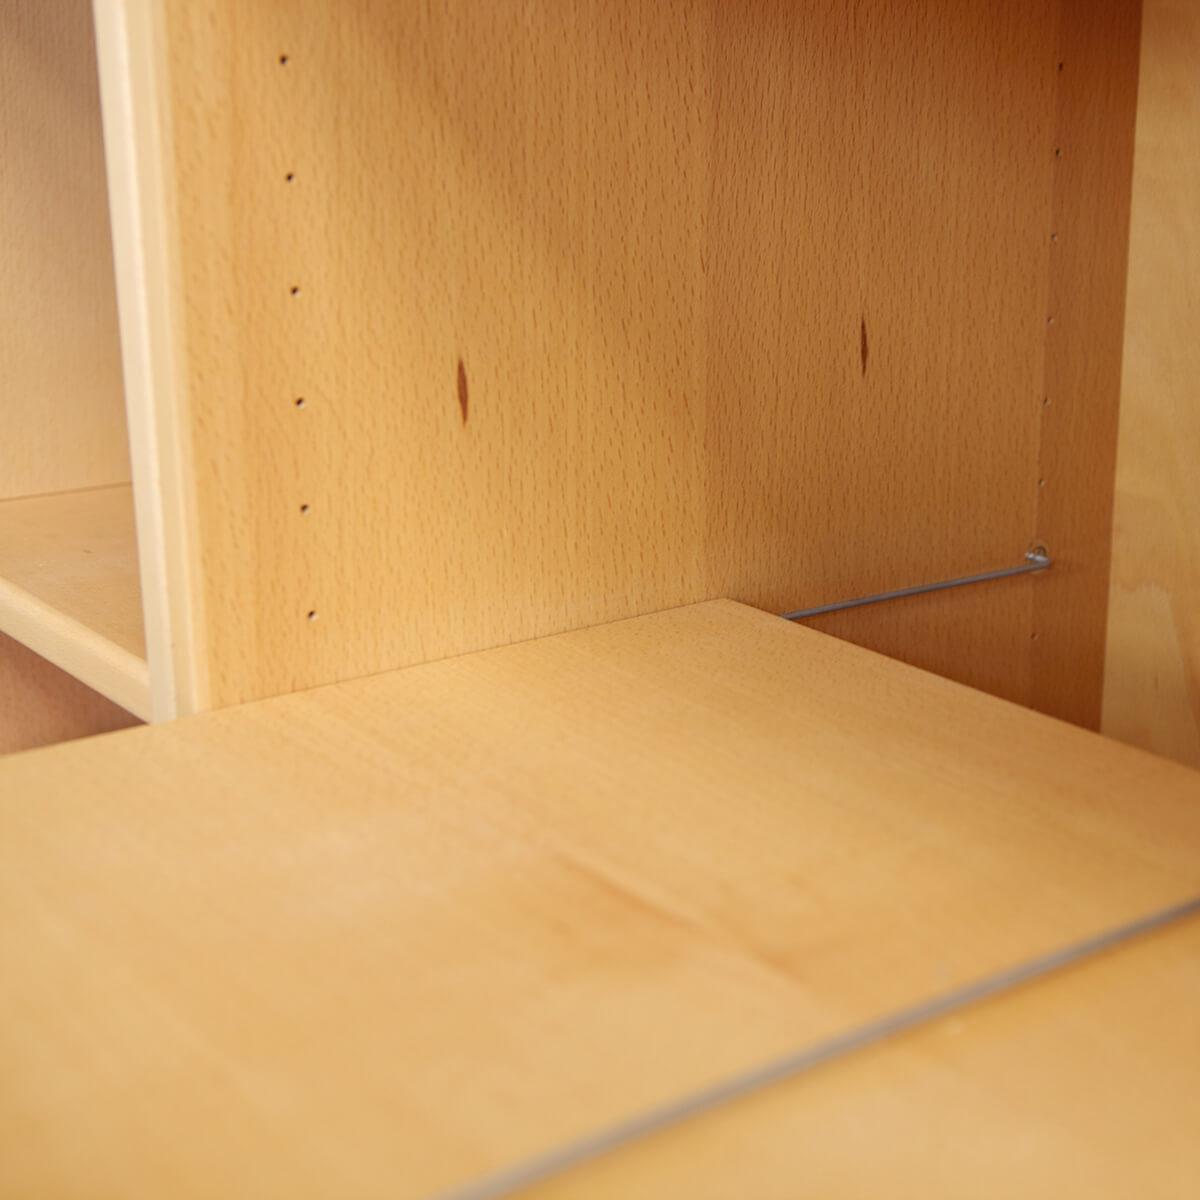 2/3 Kleiderschrankboden für 621 DELUXE Debreuyn Buche natur geölt